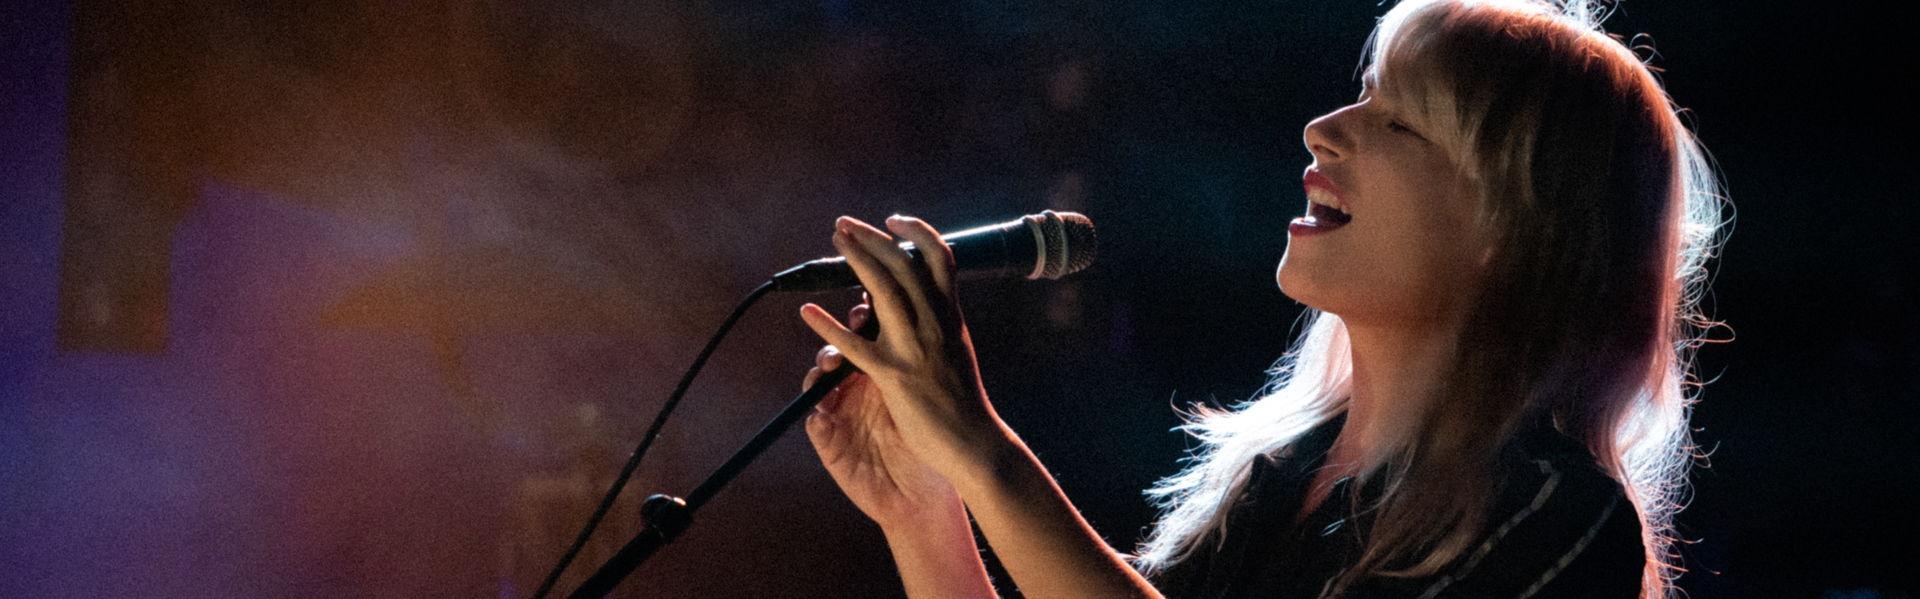 Meis speelde tijdens Locked & Live op 10 december in Het Podium, foto's door Photo Anya.